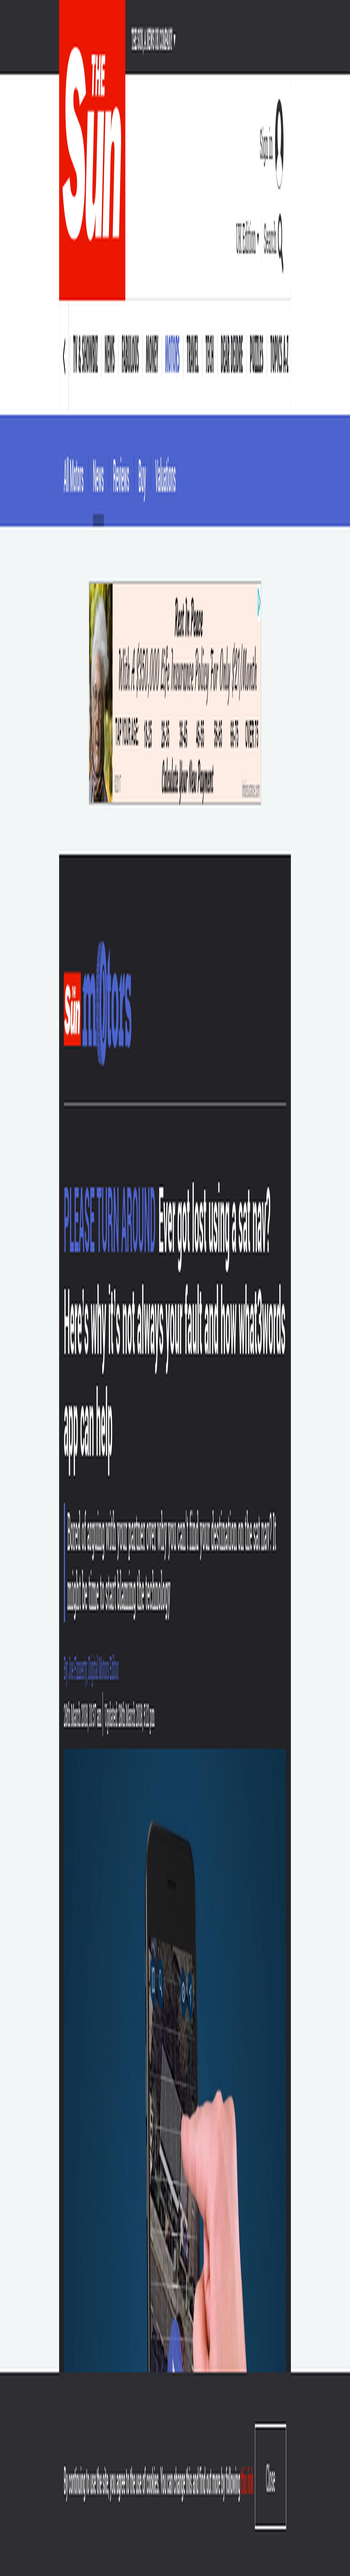 9f727db2 2ae0 4c63 b4d8 a058ee7b322f